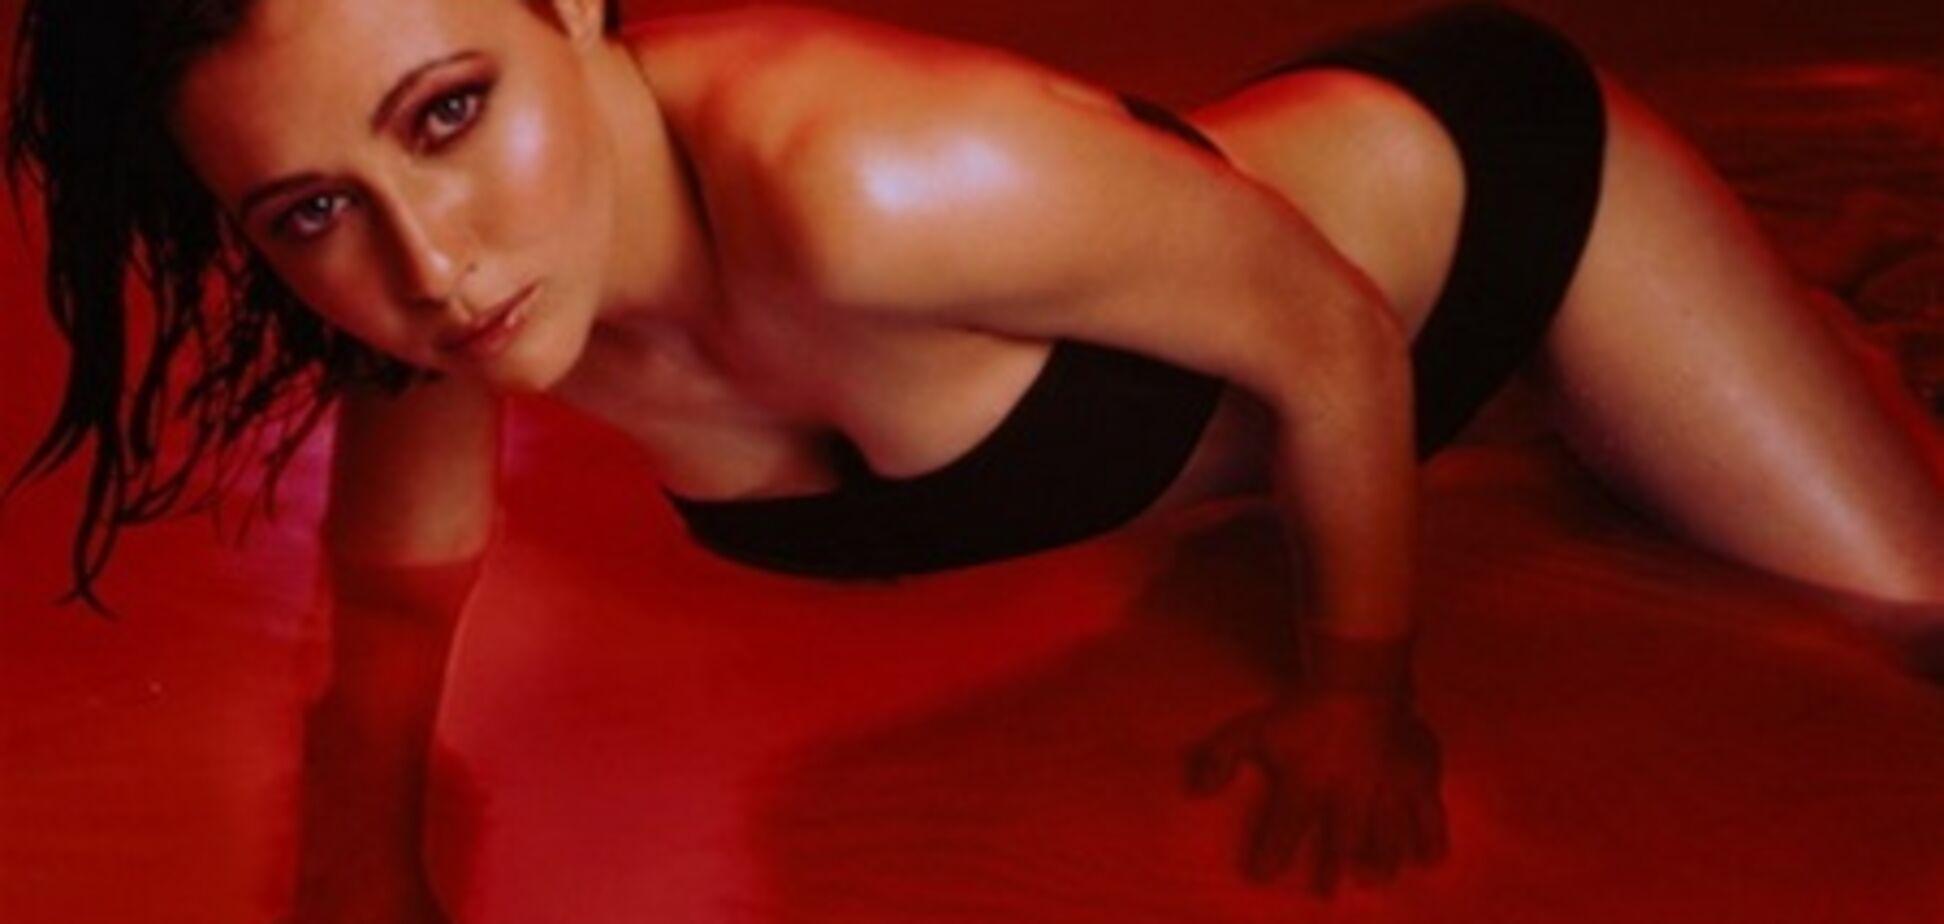 Бренда из 'Беверли-Хиллз': красная подсветка, купальник, вода